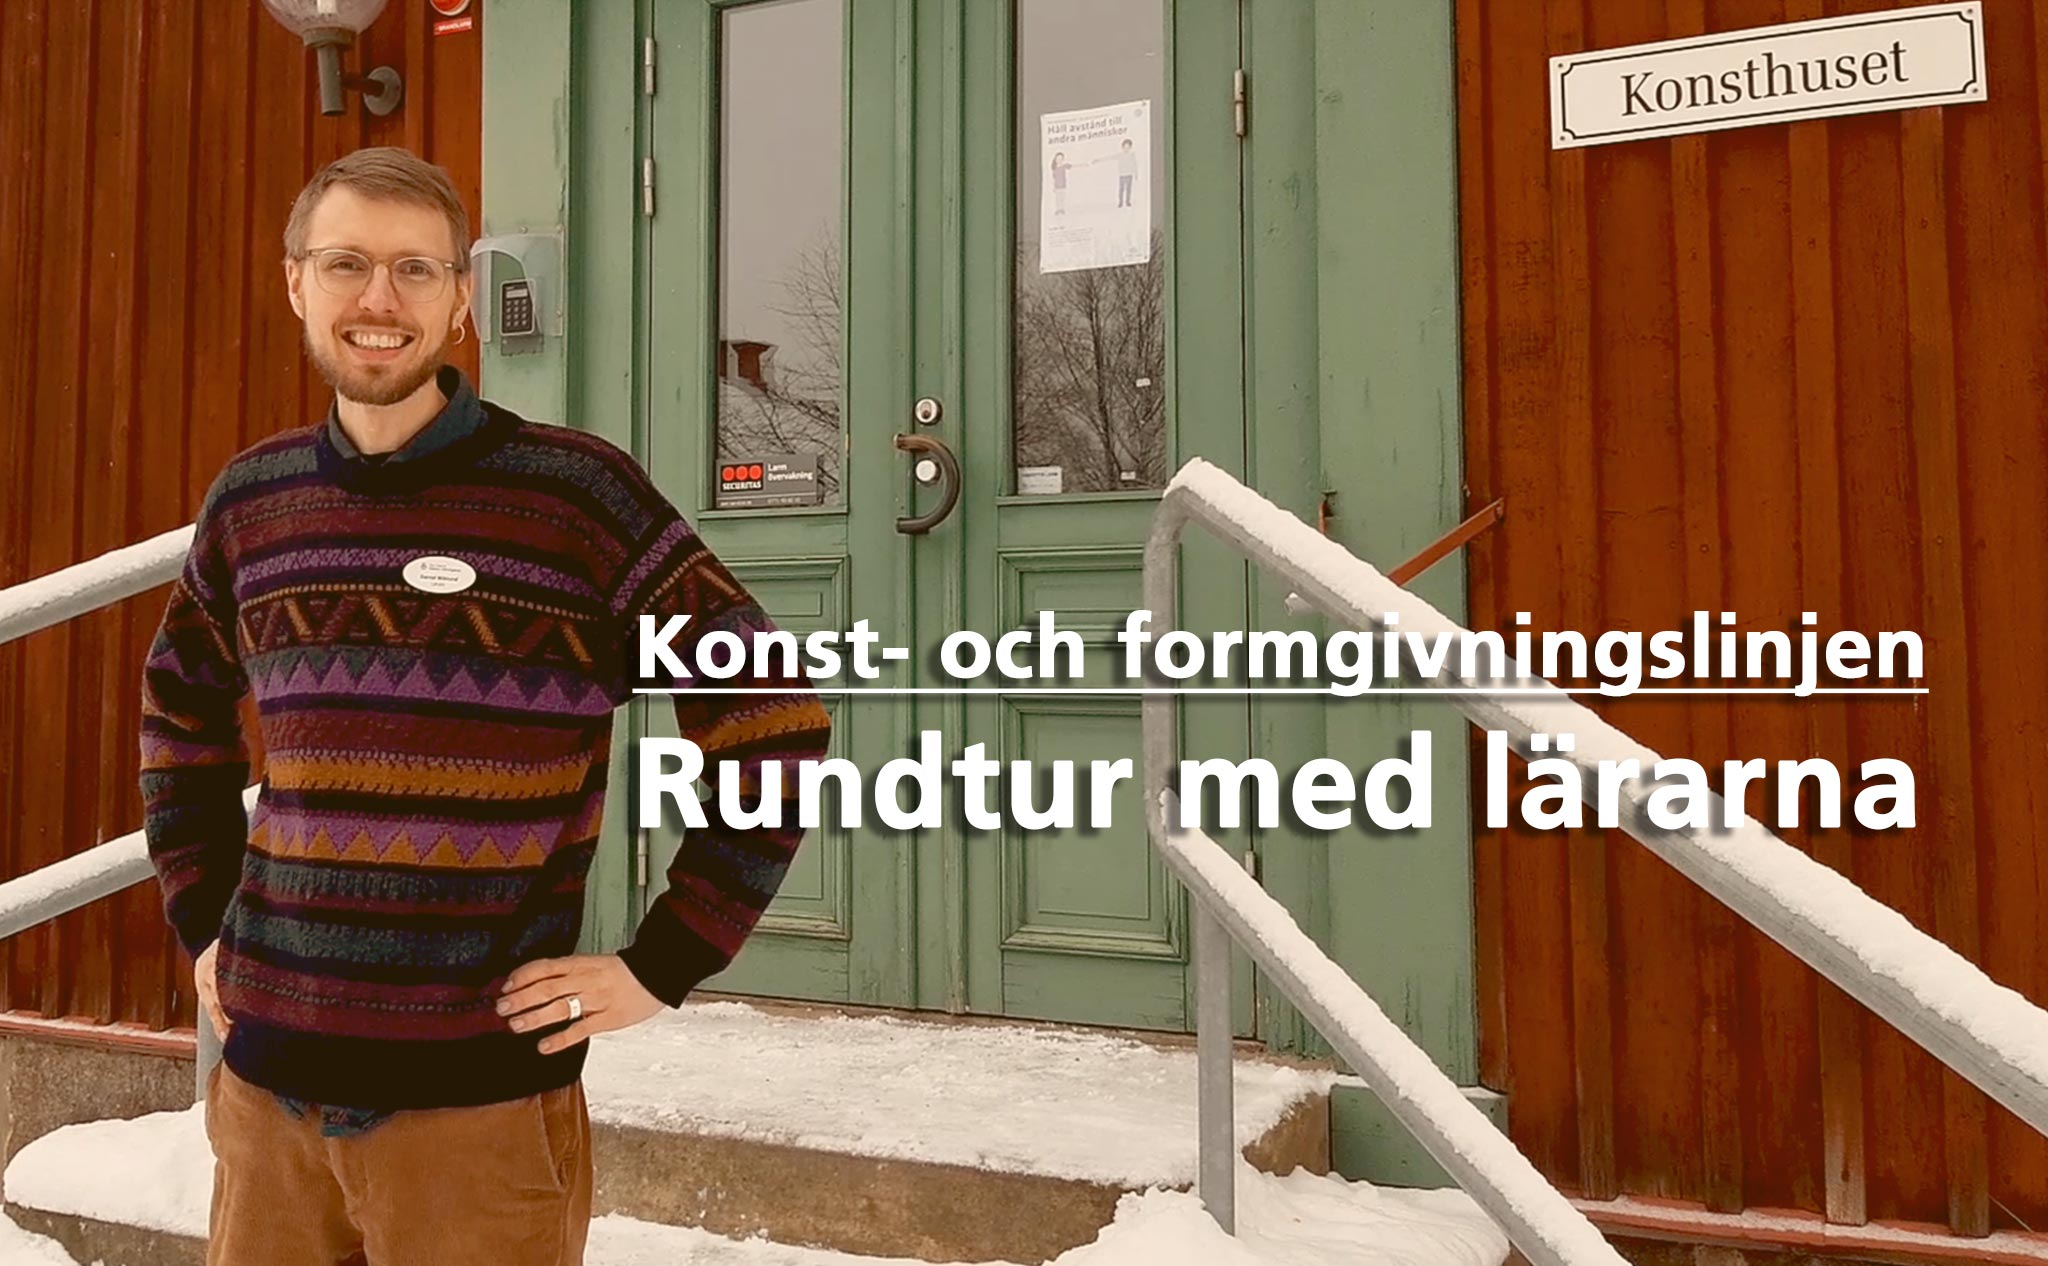 En person står utanför dörren till ett rött hus (Konsthuset). Text på bild: Konst- och formgivningslinjen. Rundtur med lärarna.